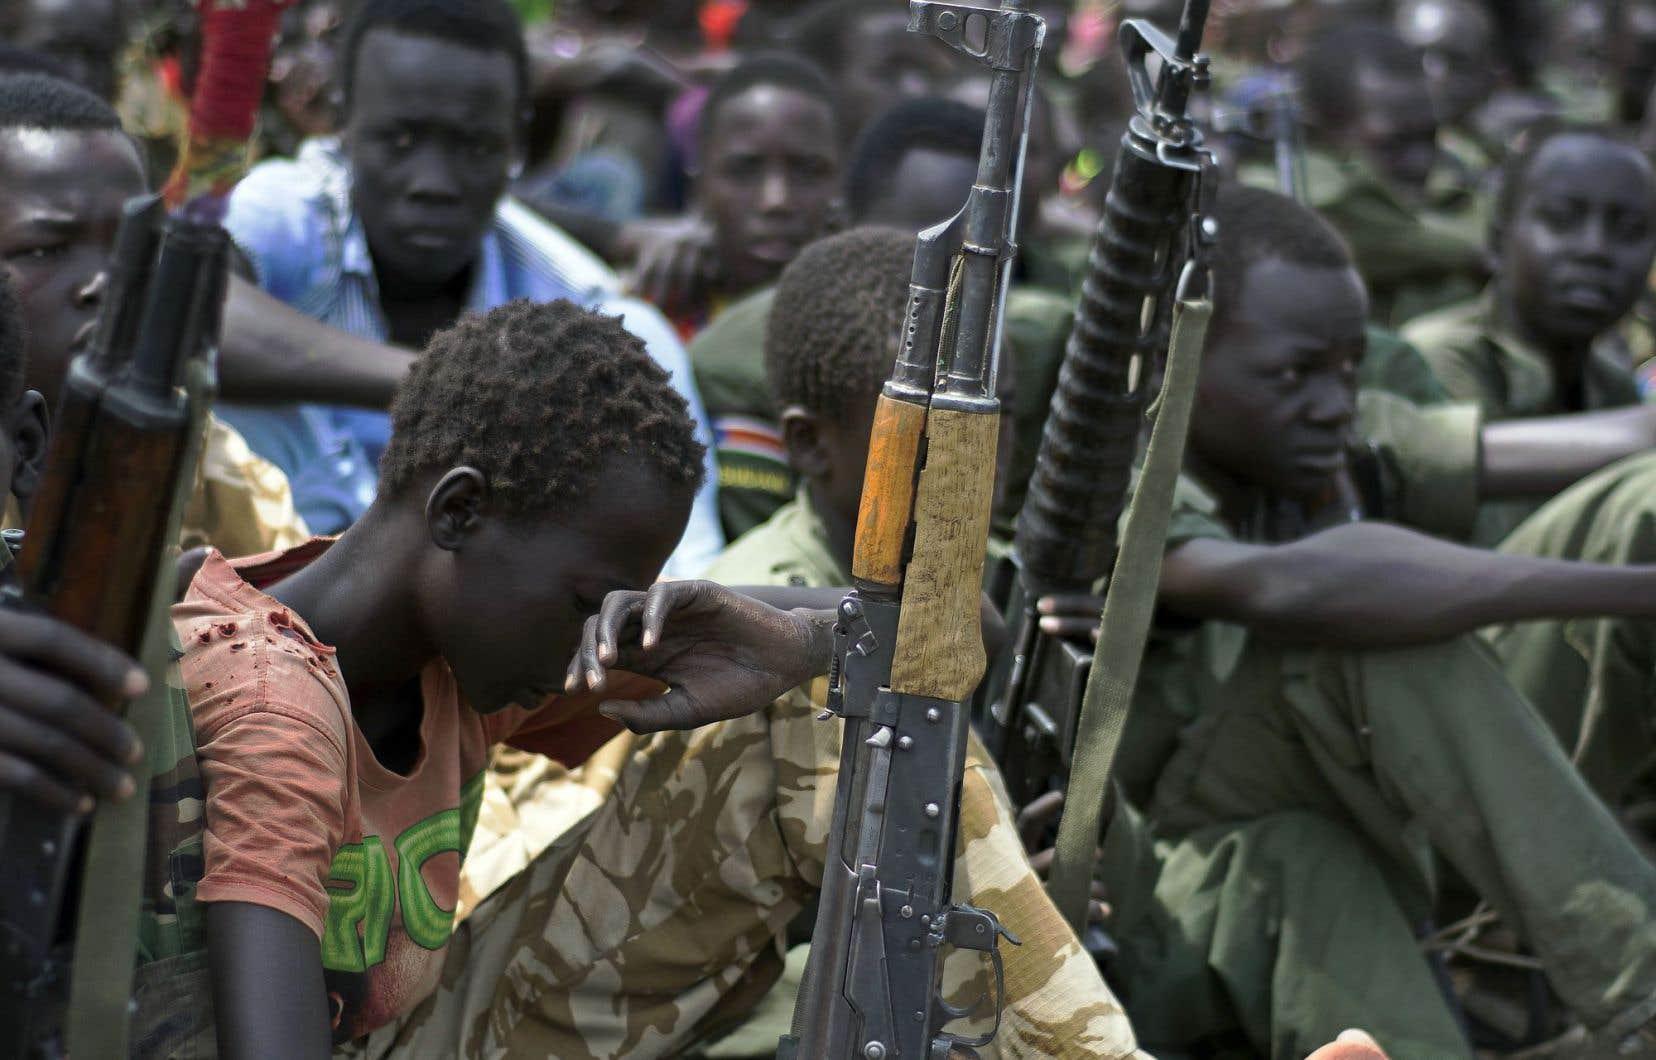 Les enfants sont affectés à des rôles de combat, mais peuvent aussi être utilisés à des fins sexuelles ou comme porteurs de messages.